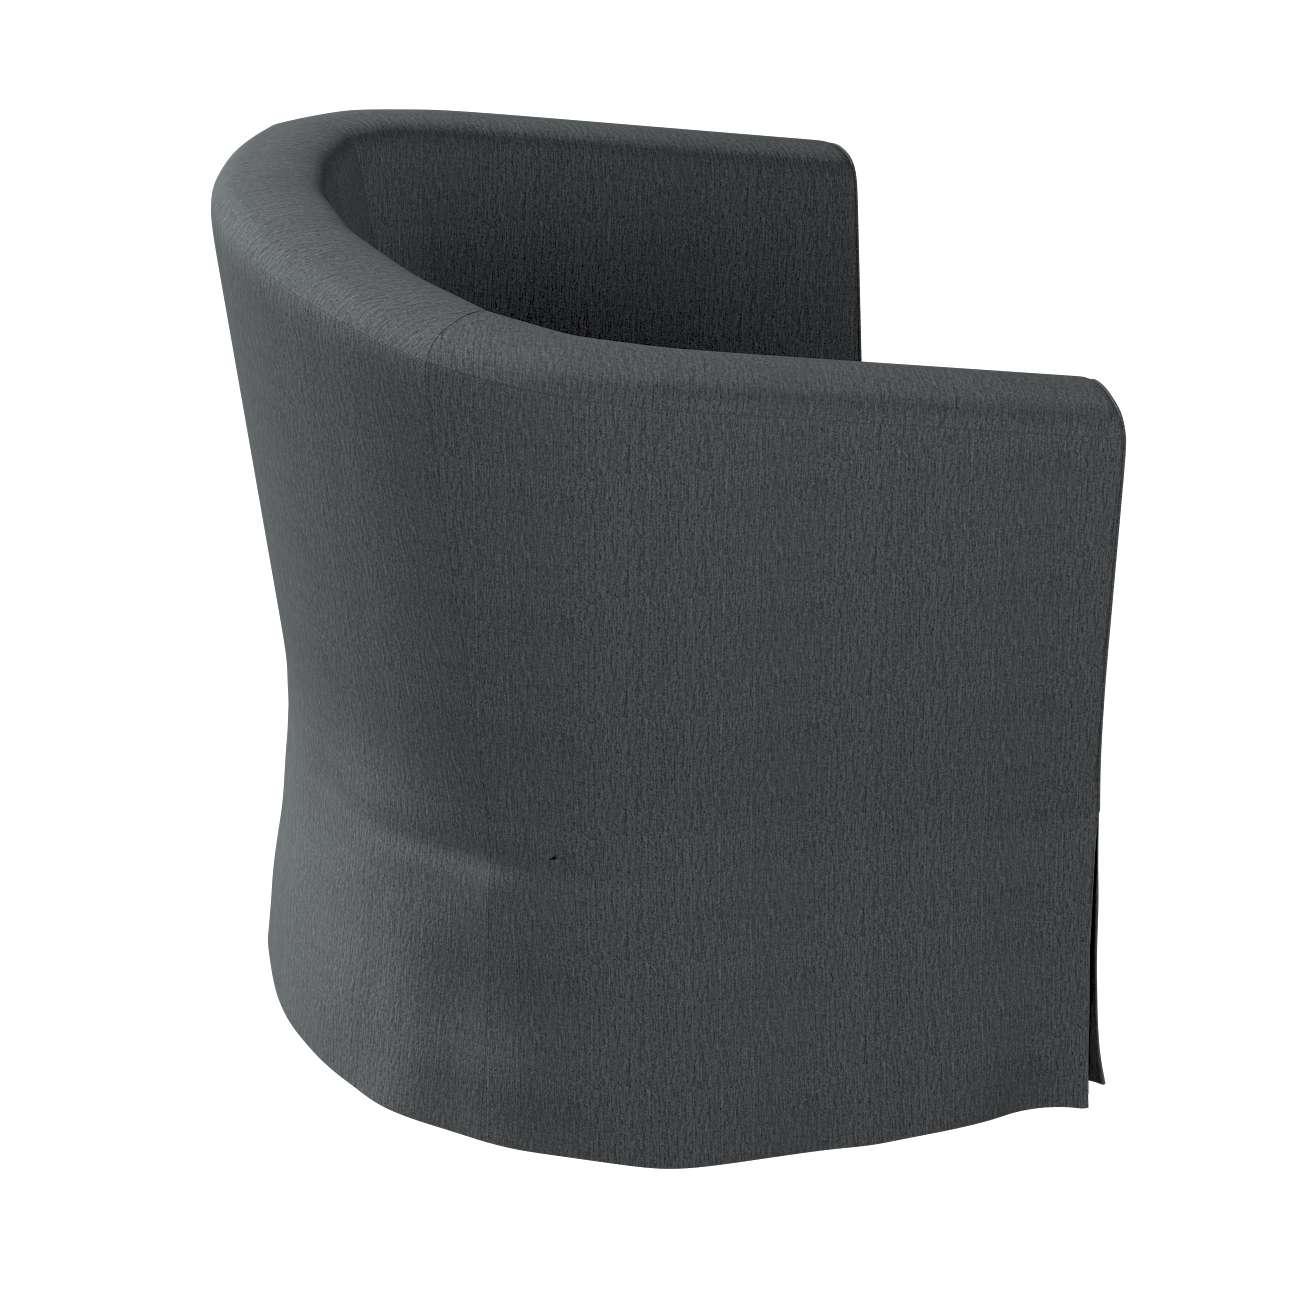 Pokrowiec na fotel Ektorp Tullsta w kolekcji Chenille, tkanina: 702-20